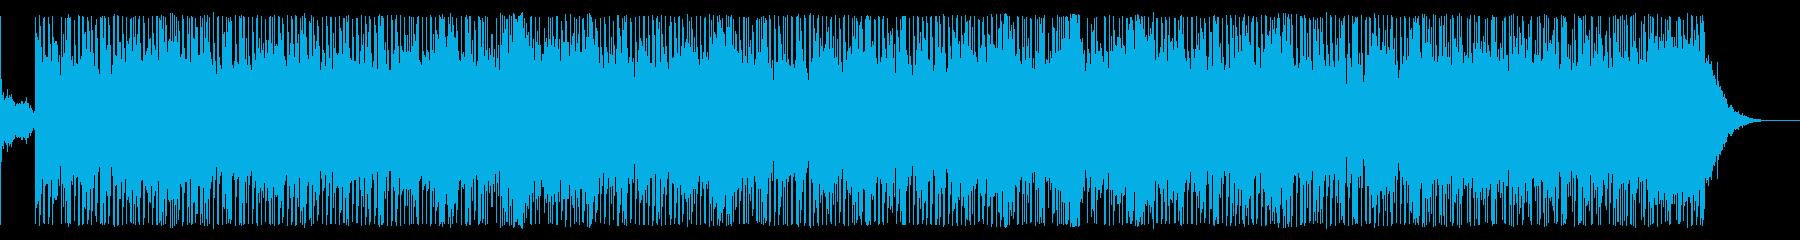 緊張、緊迫、疾走、脱出の緊急事態テクノbの再生済みの波形